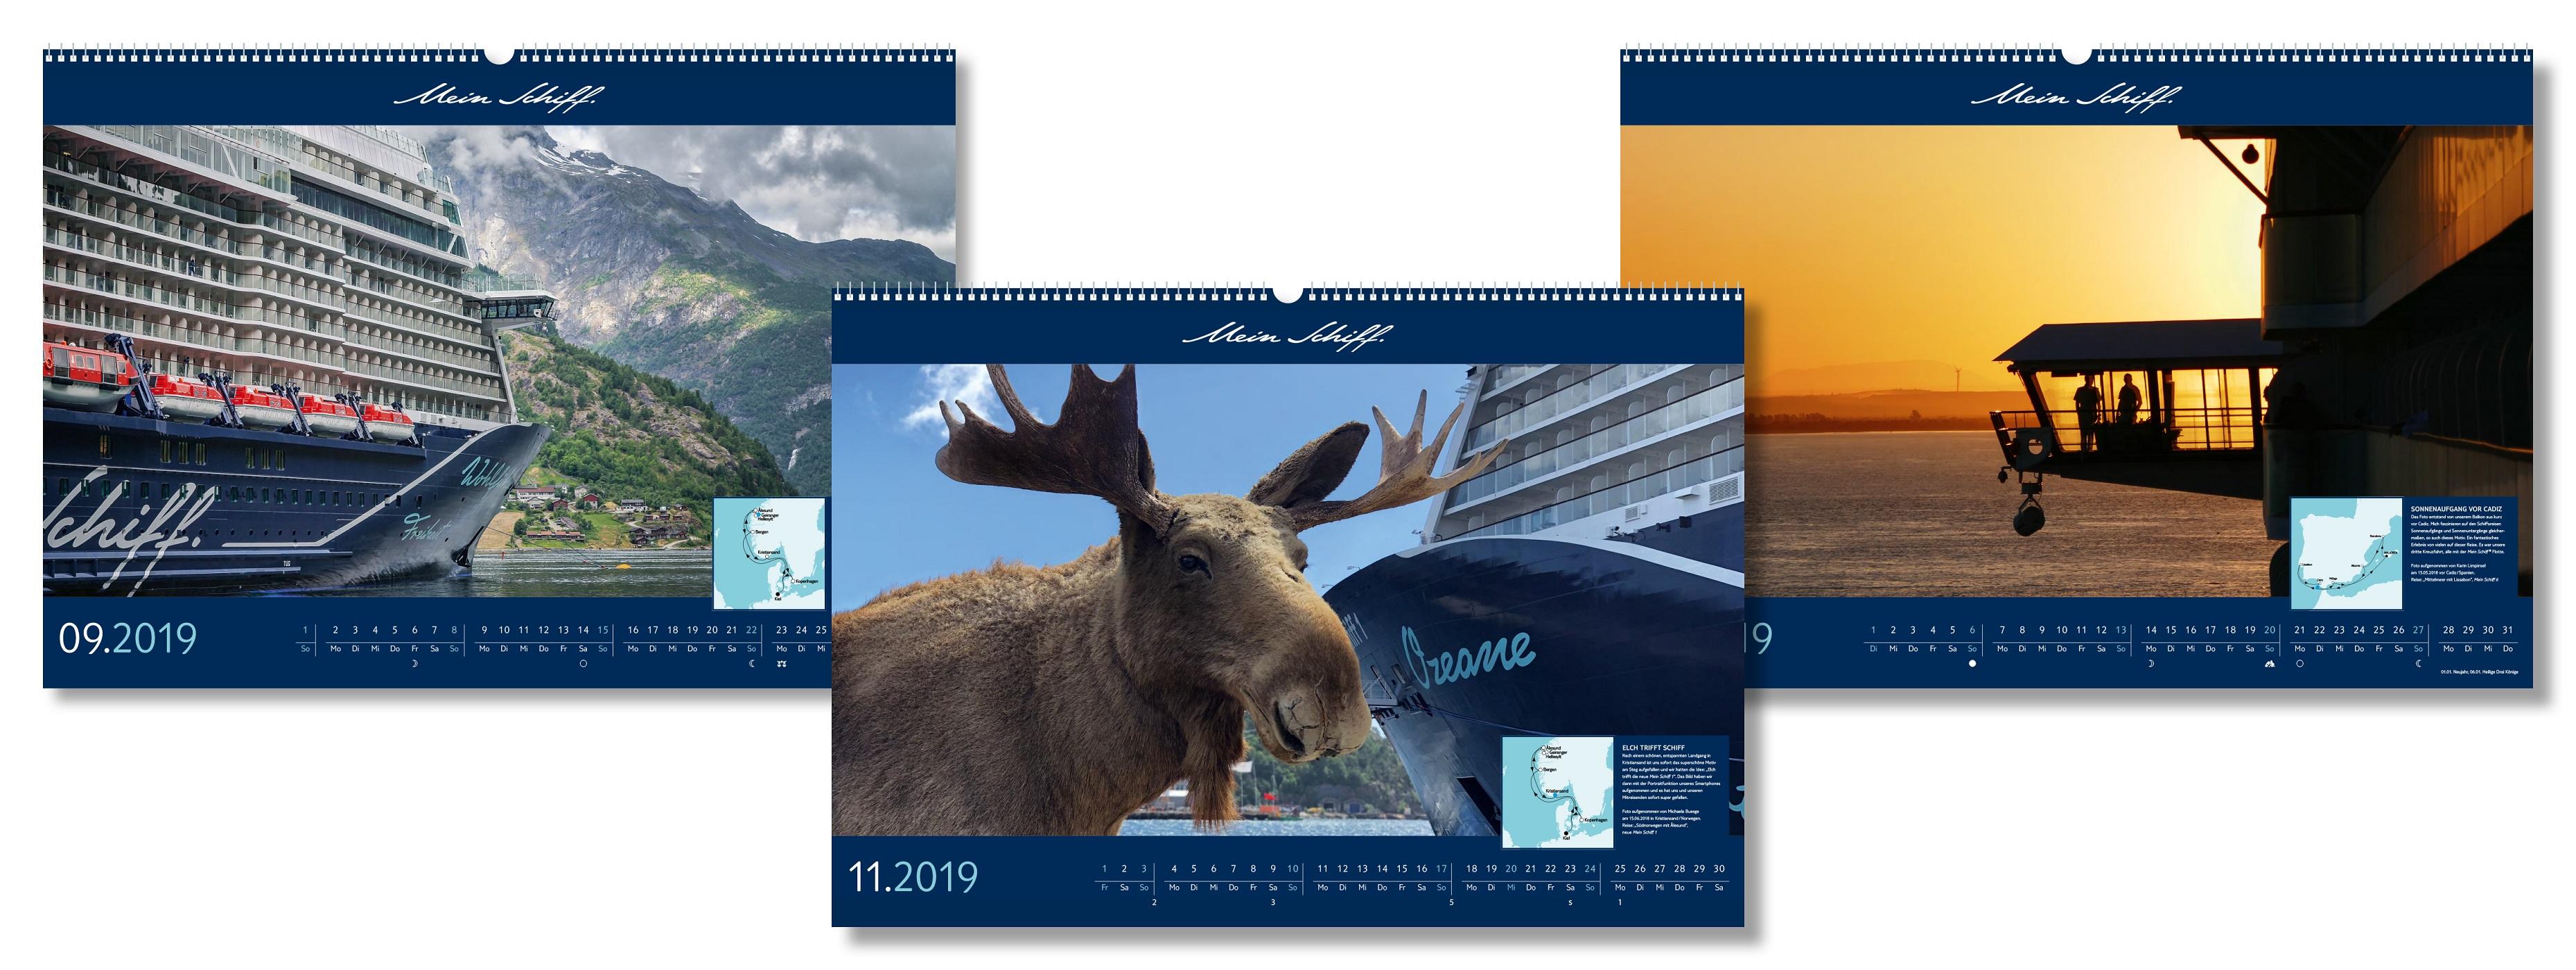 Der Mein Schiff Kalender 2019 von TUI Cruises